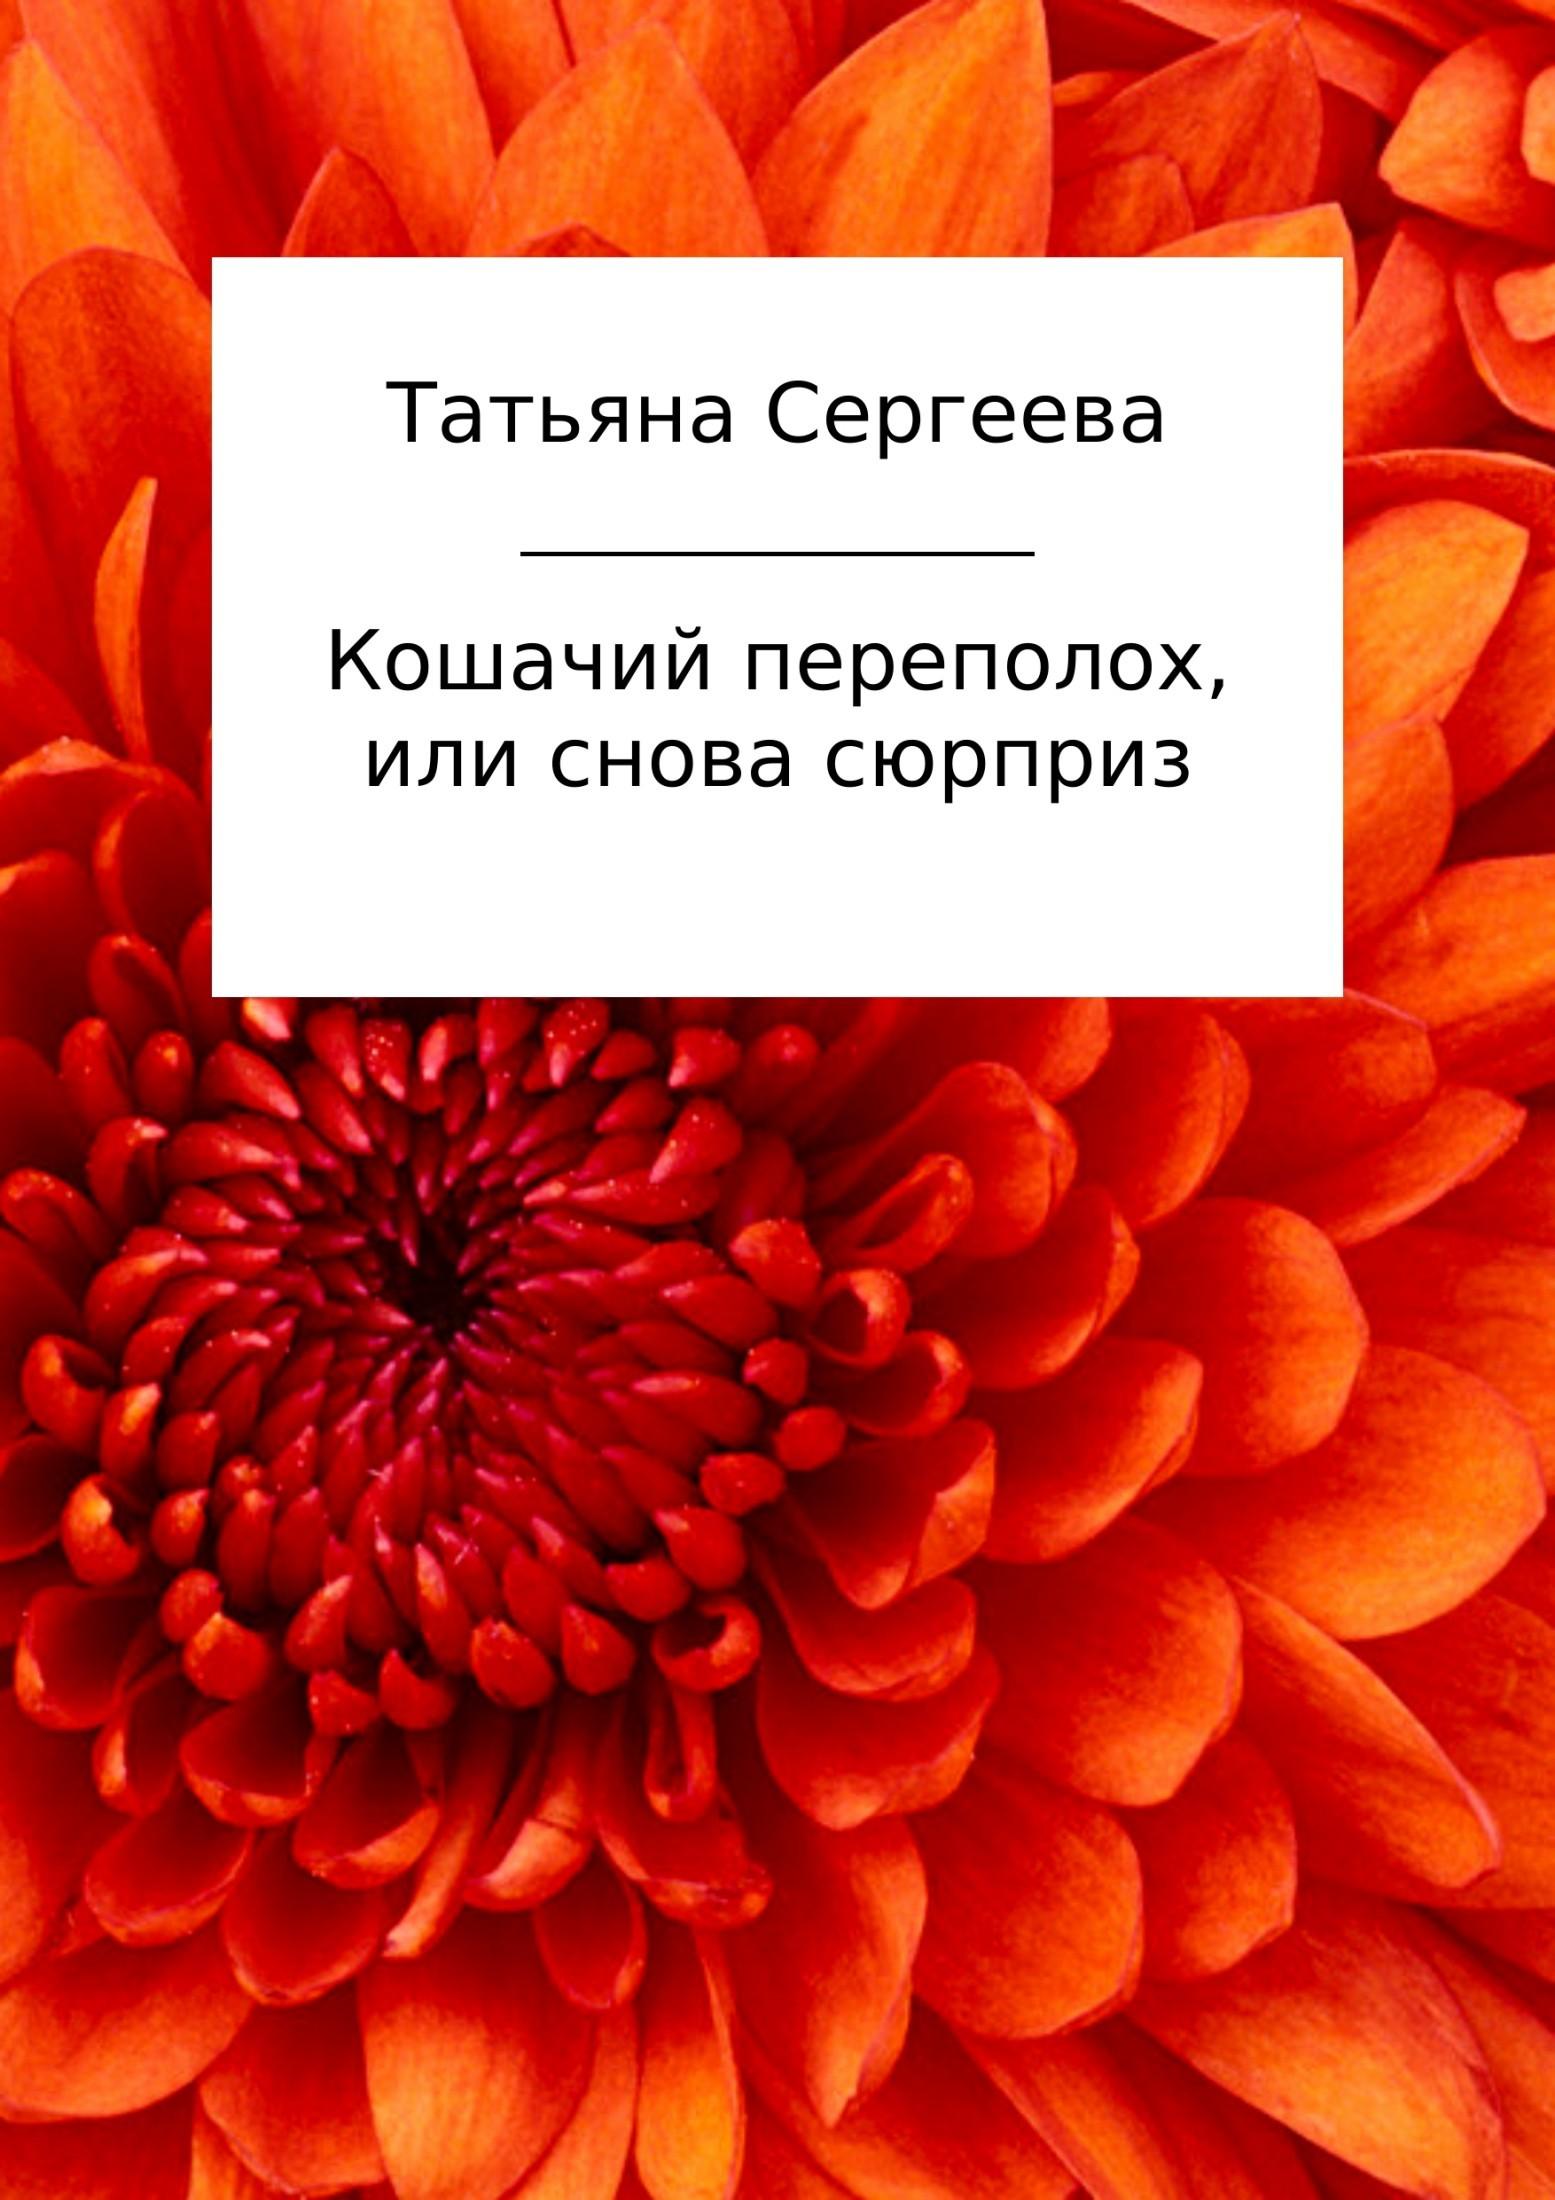 Татьяна Сергеева. Кошачий переполох, или Снова сюрприз